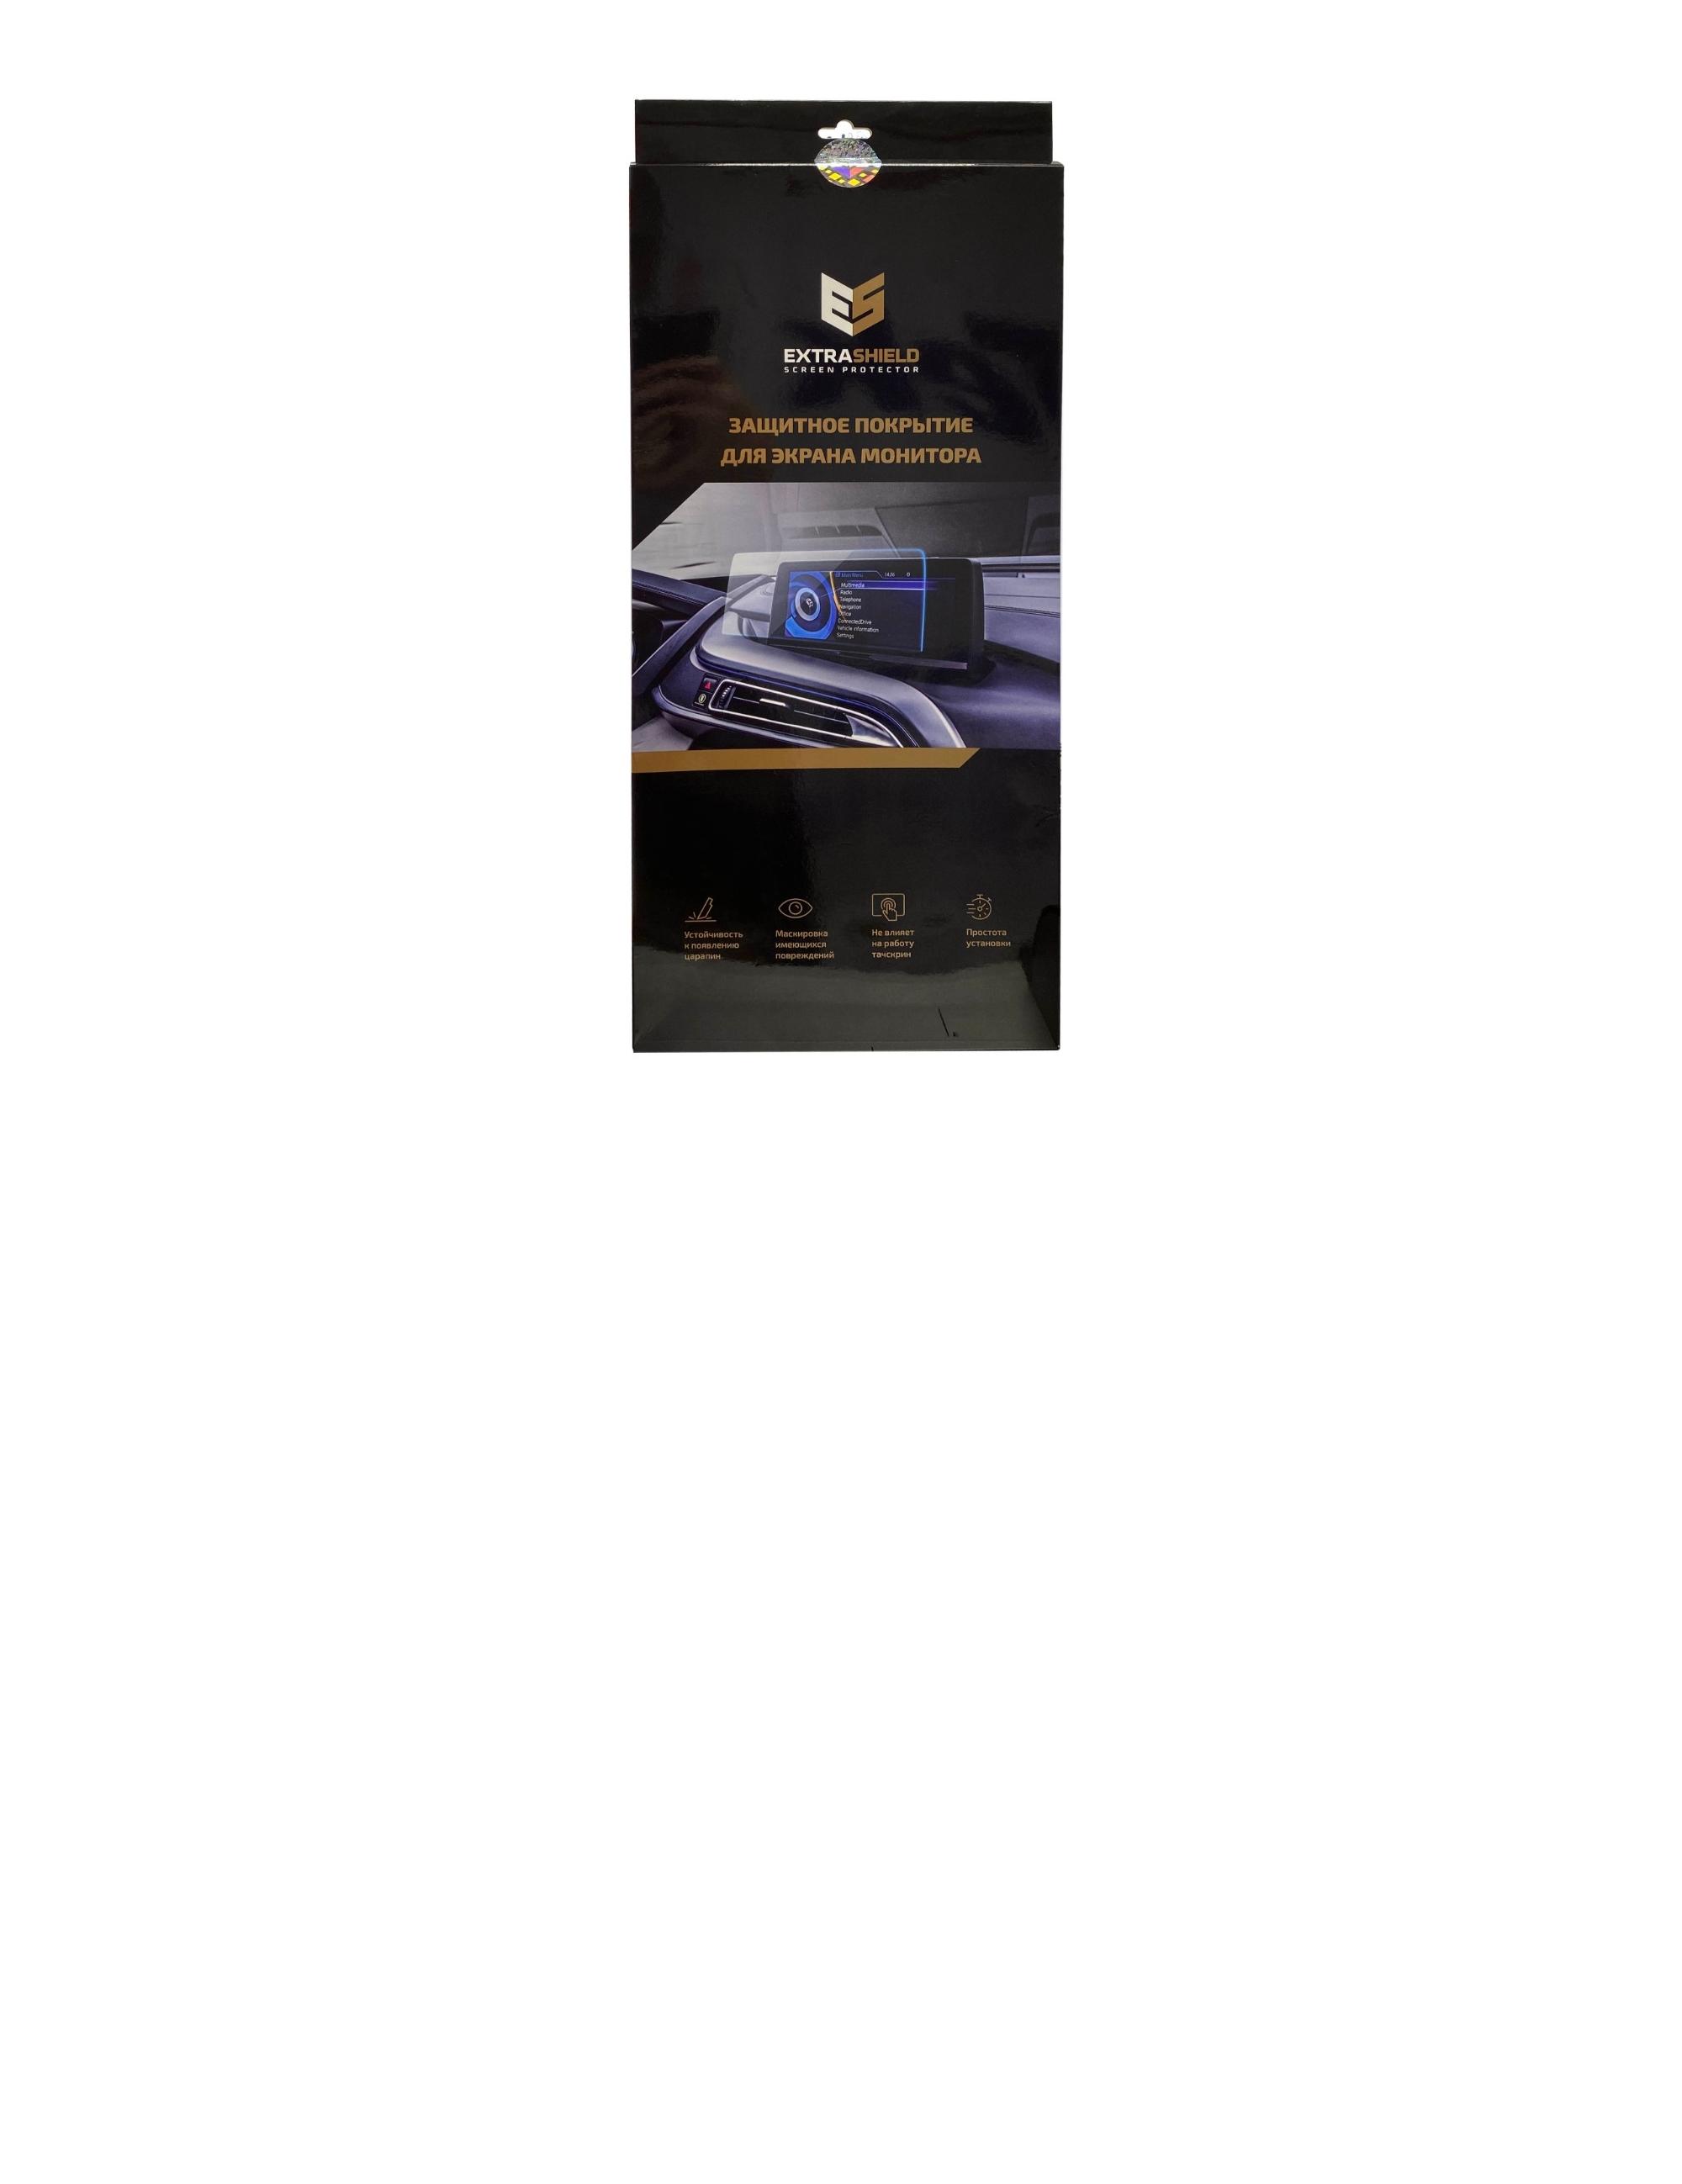 Mercedes-Benz GLE (W167) 2018 - н.в. приборная панель+мультимедиа 12,3 Защитное стекло Глянец